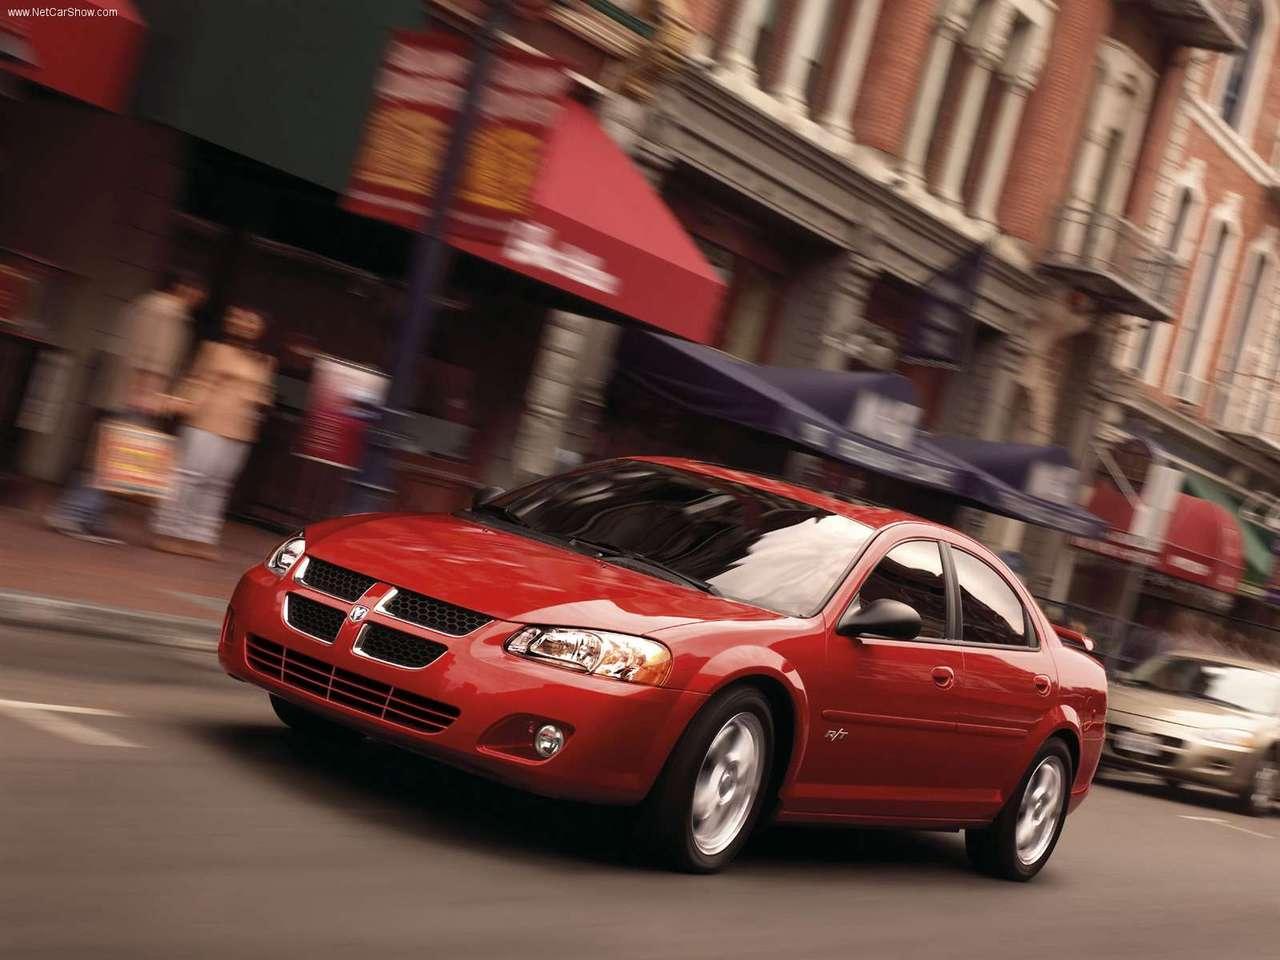 http://1.bp.blogspot.com/-qGYlDRo4rSI/TXZpjkyyzUI/AAAAAAAAEVo/kHsb5cZsivc/s1600/Dodge-Stratus_Sedan_2004_1280x960_wallpaper_01.jpg